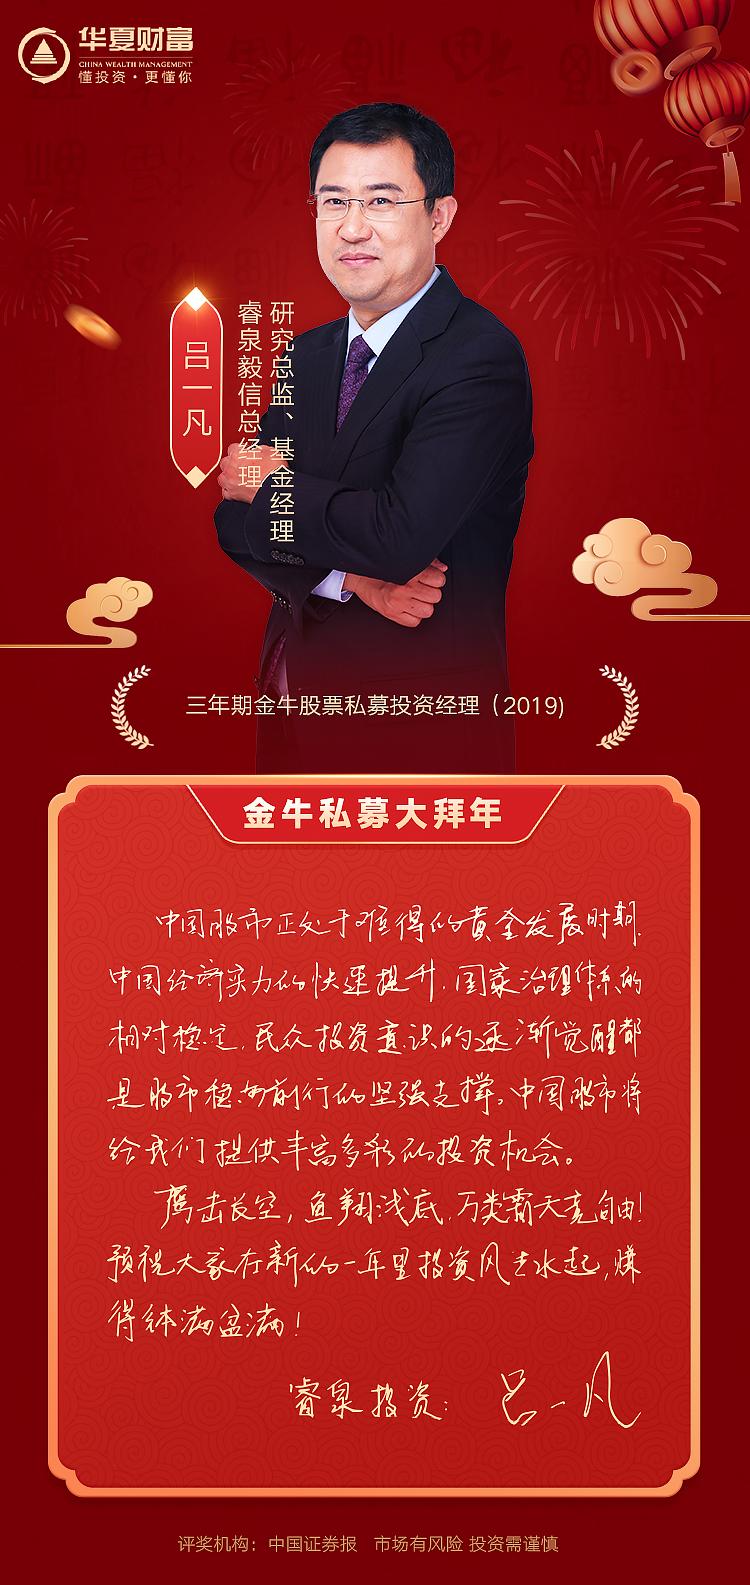 睿泉毅信吕一凡:中国股市将提供丰富多彩的投资机会